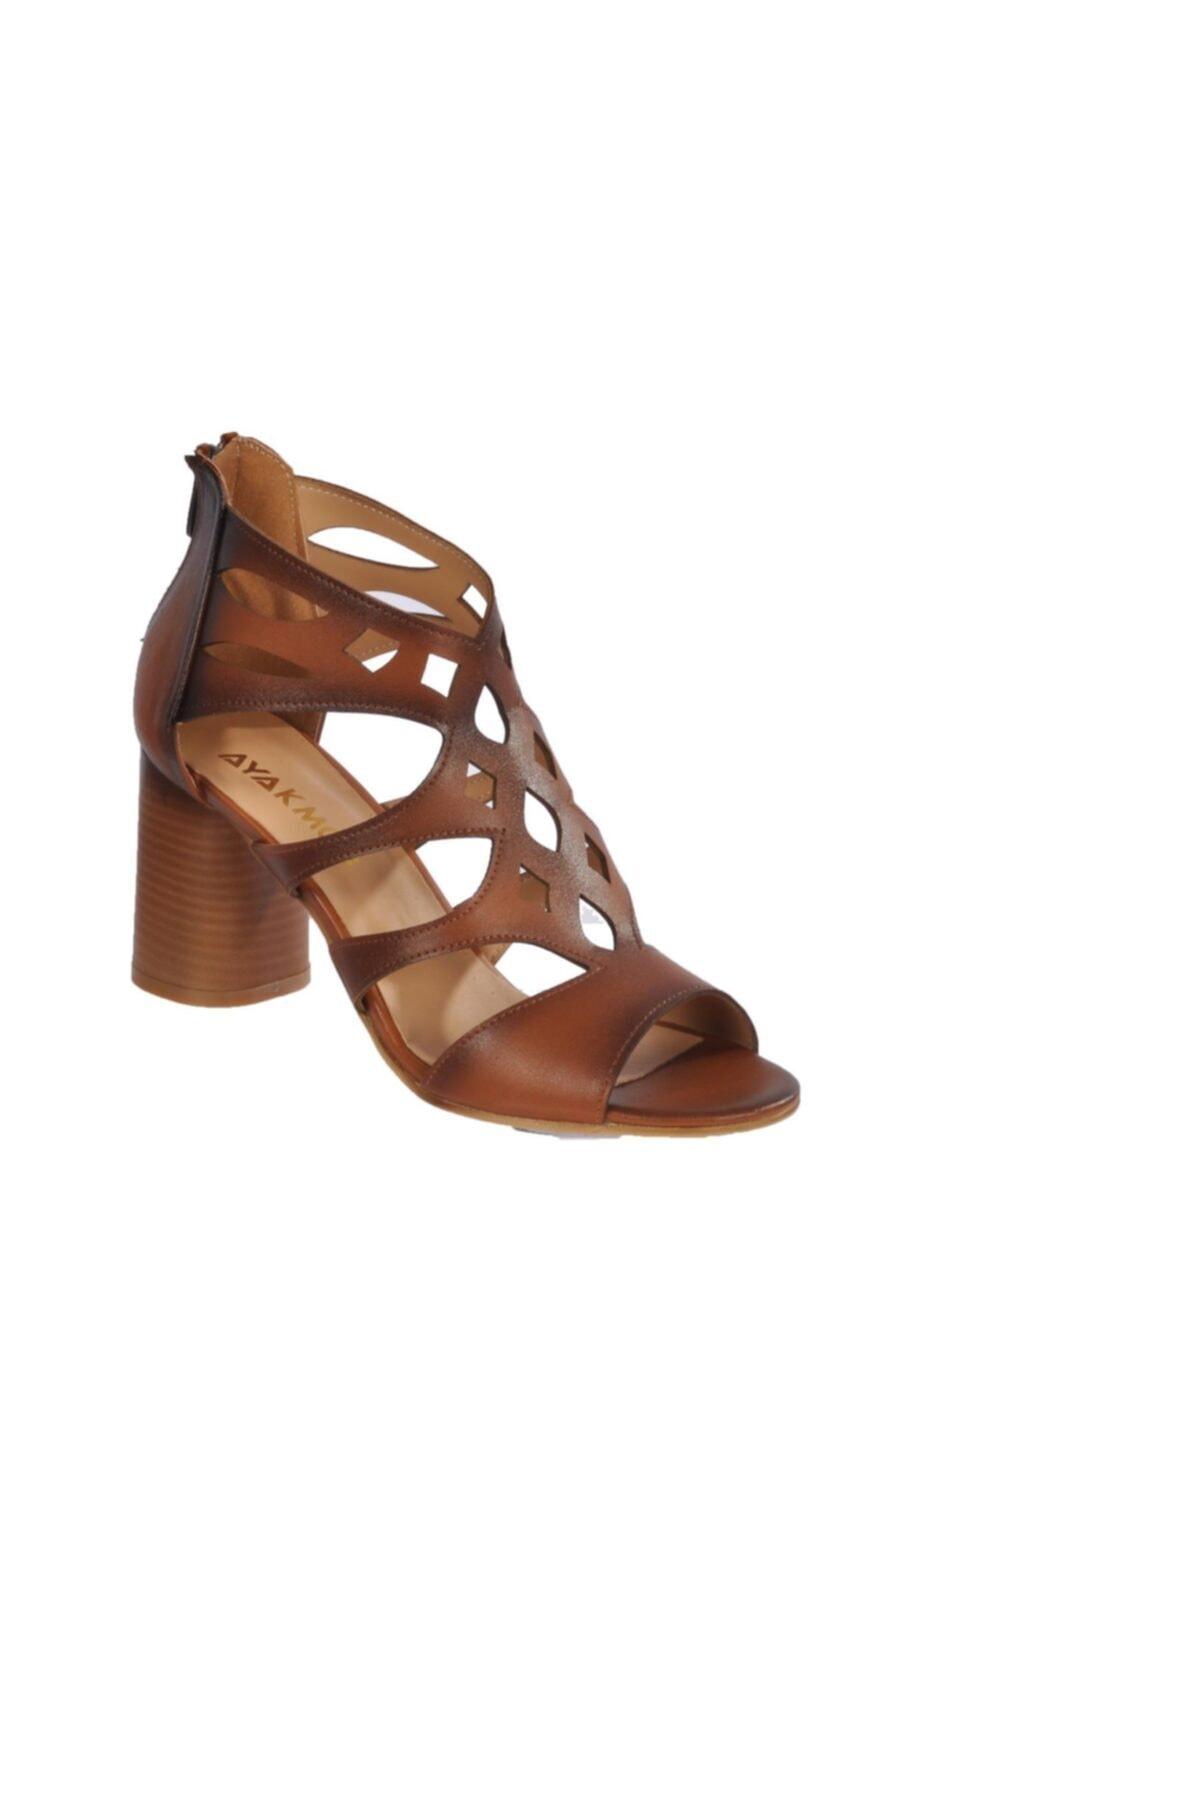 Maje 9837 Taba Kadın Topuklu Ayakkabı 1